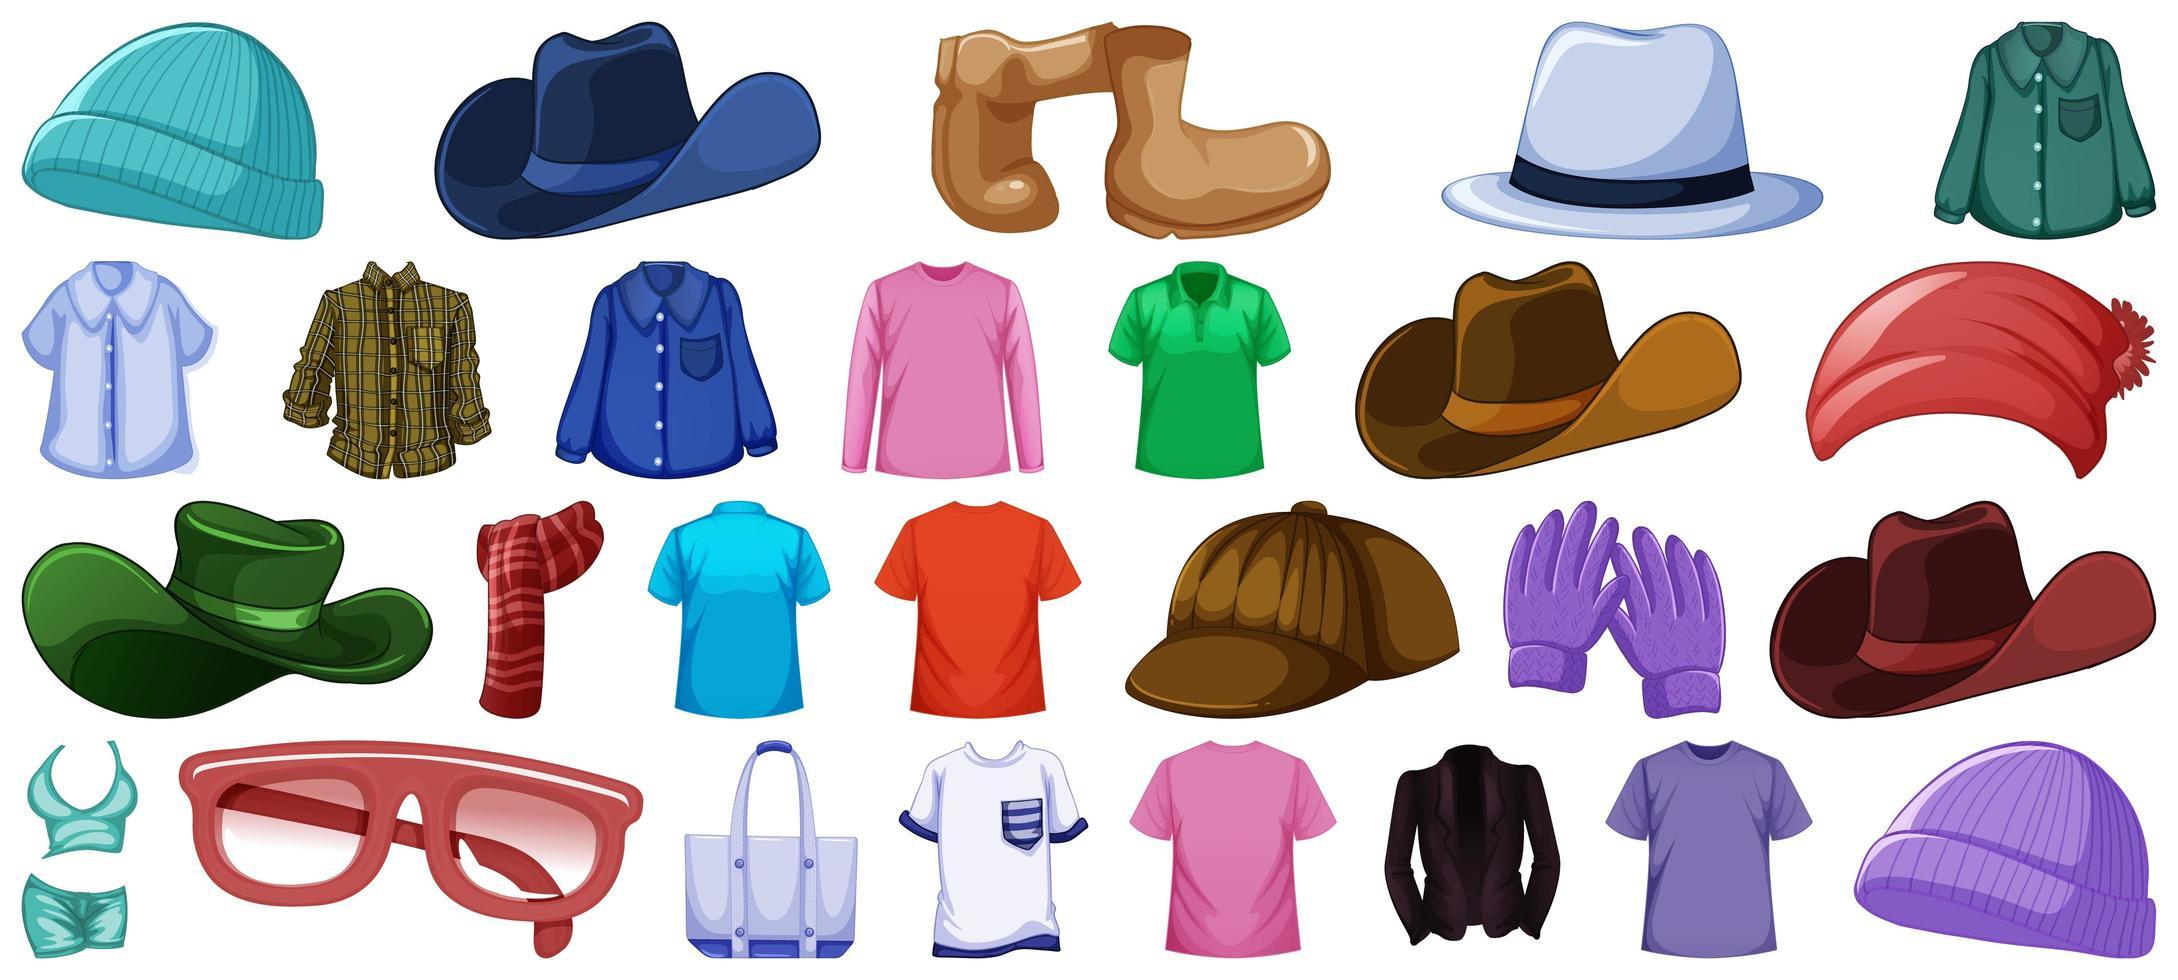 ensemble de tenues et accessoires de mode vecteur